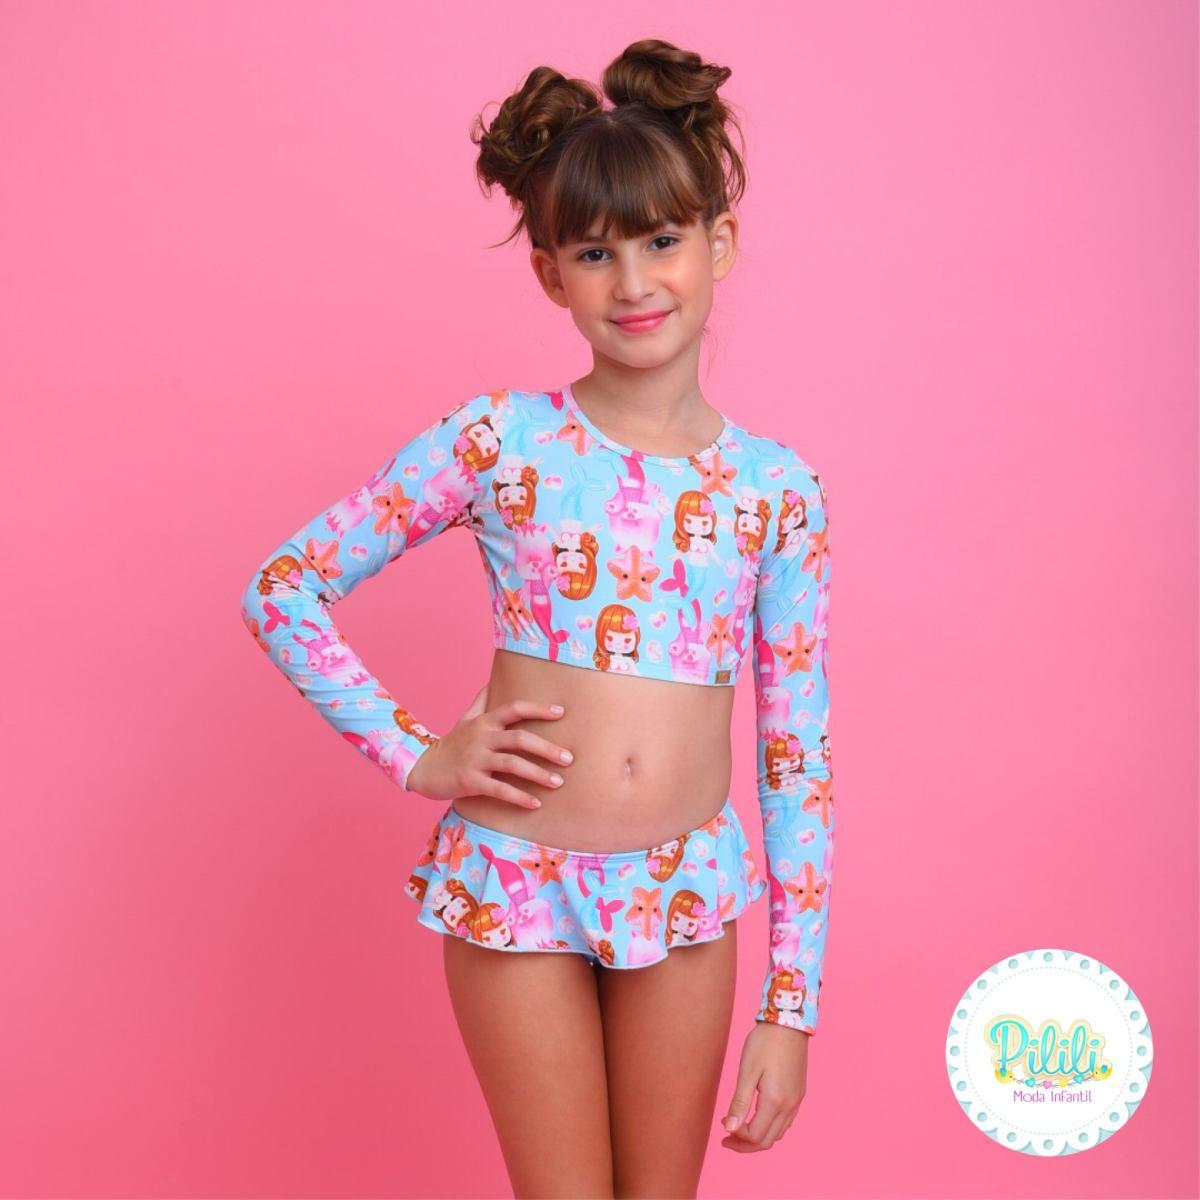 Biquini Infantil Magah Beach Wear Cropped Karime Sereia Mari